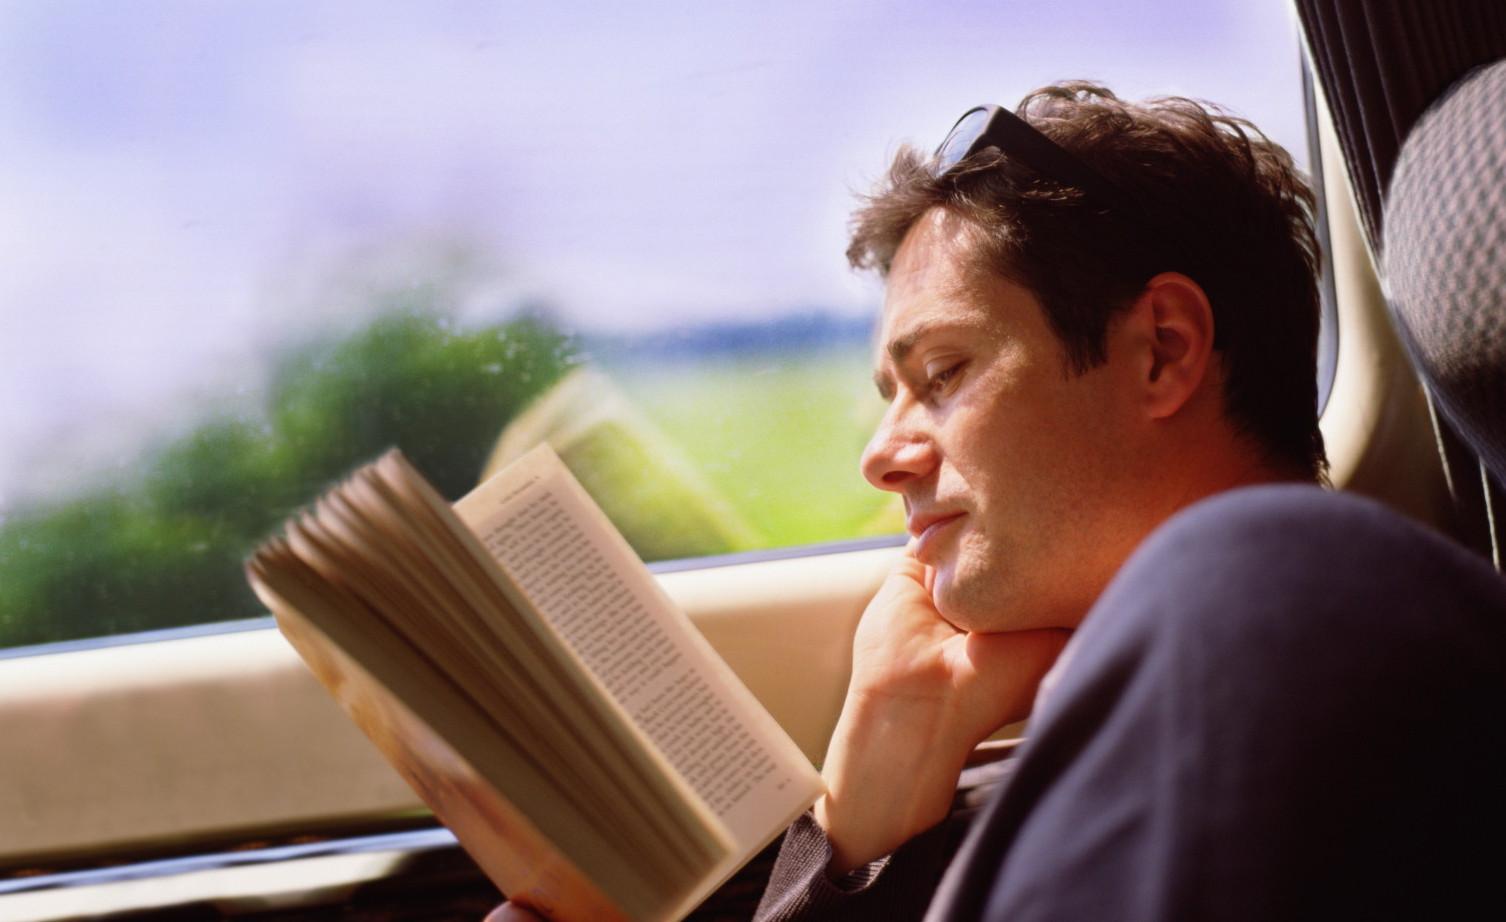 Książki wracają do łask? Jesiennie wzrosty sprzedaży Onet mediarun com ksiazka